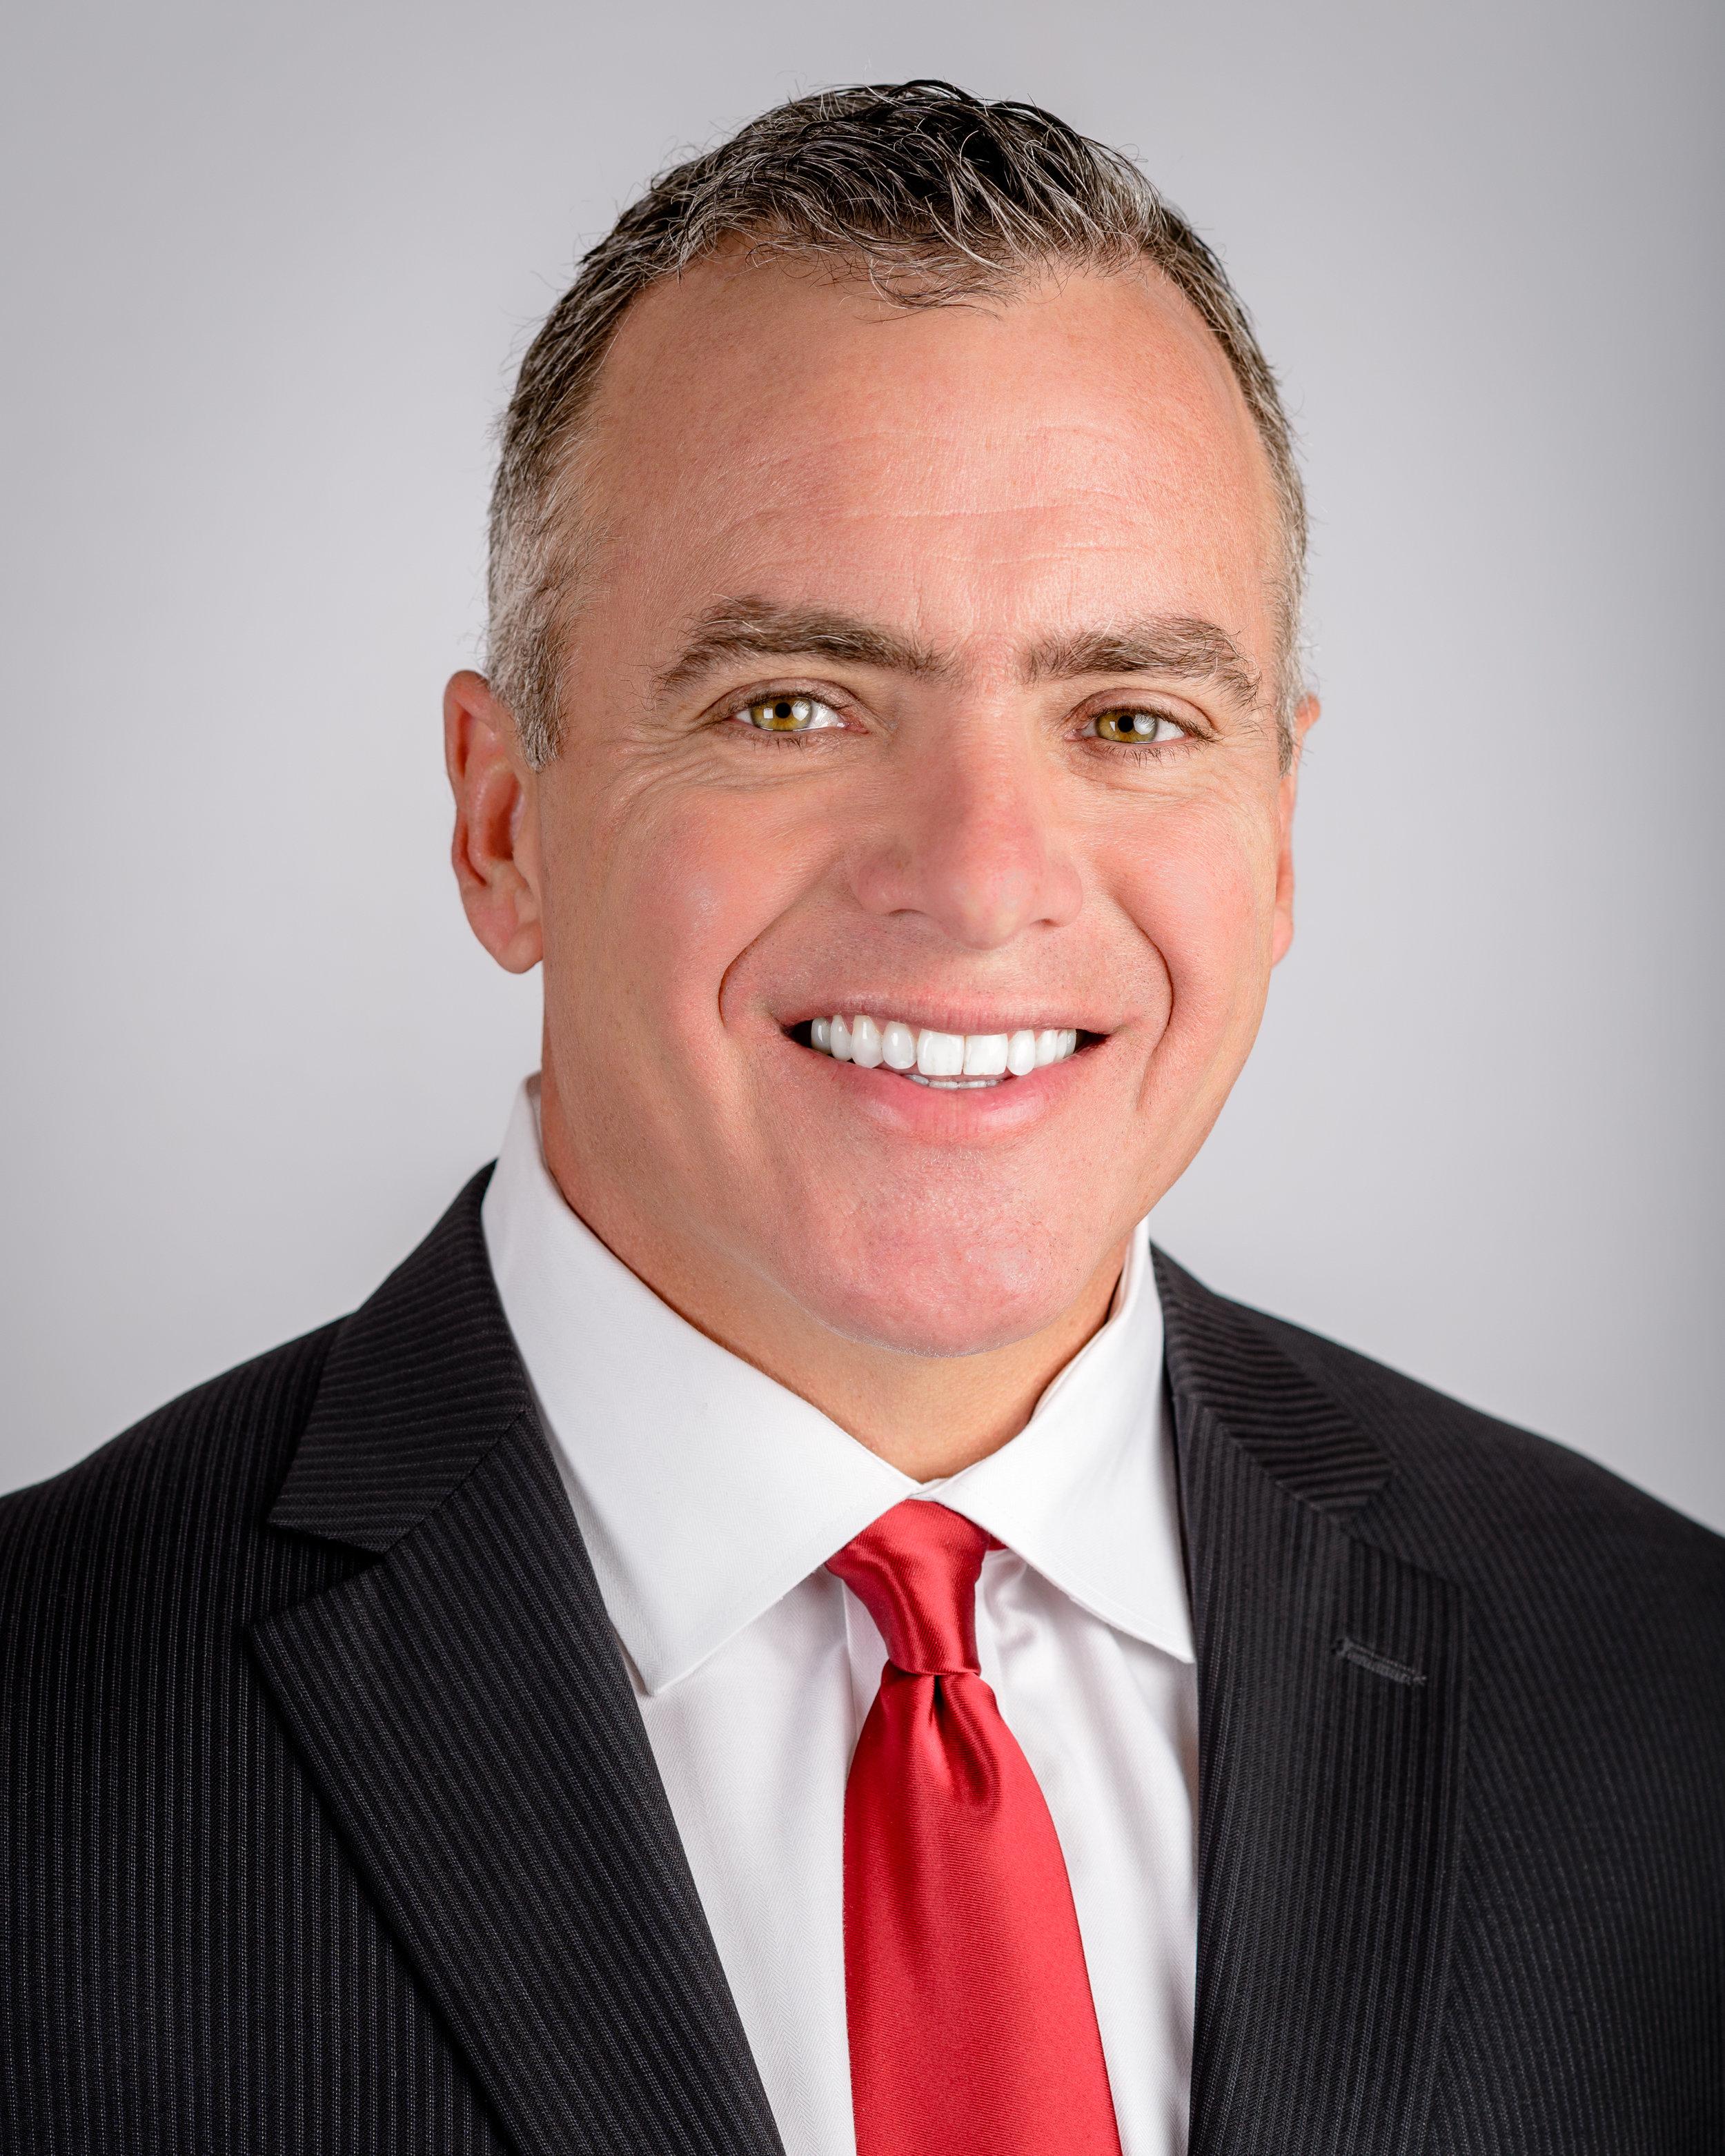 Joel Barham